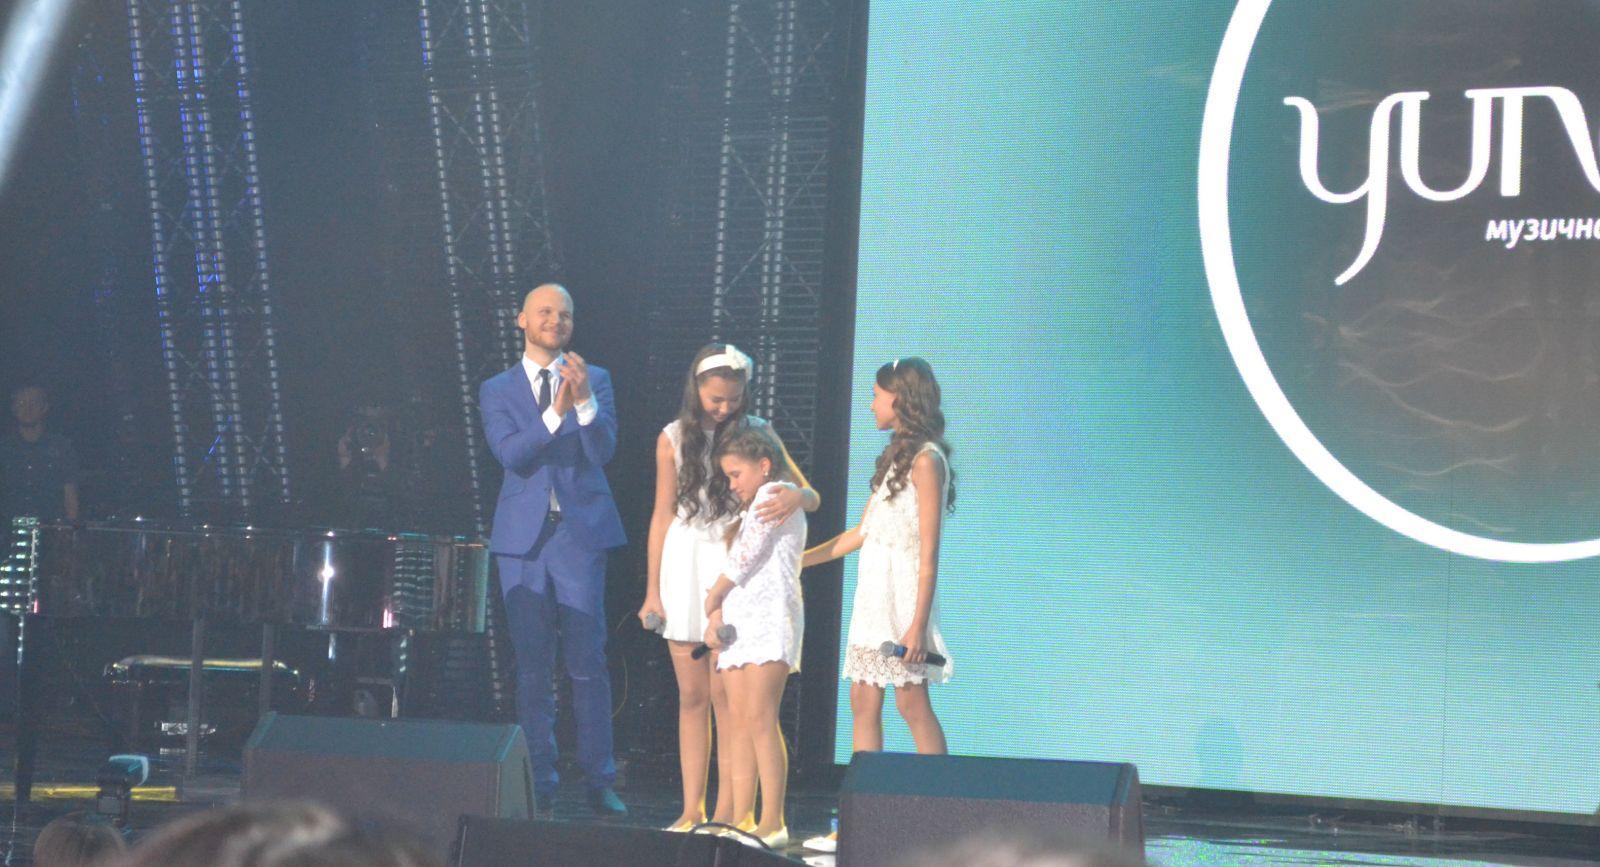 Музыкальная премия Yuna 2014: победители и церемония награждения - фото №4